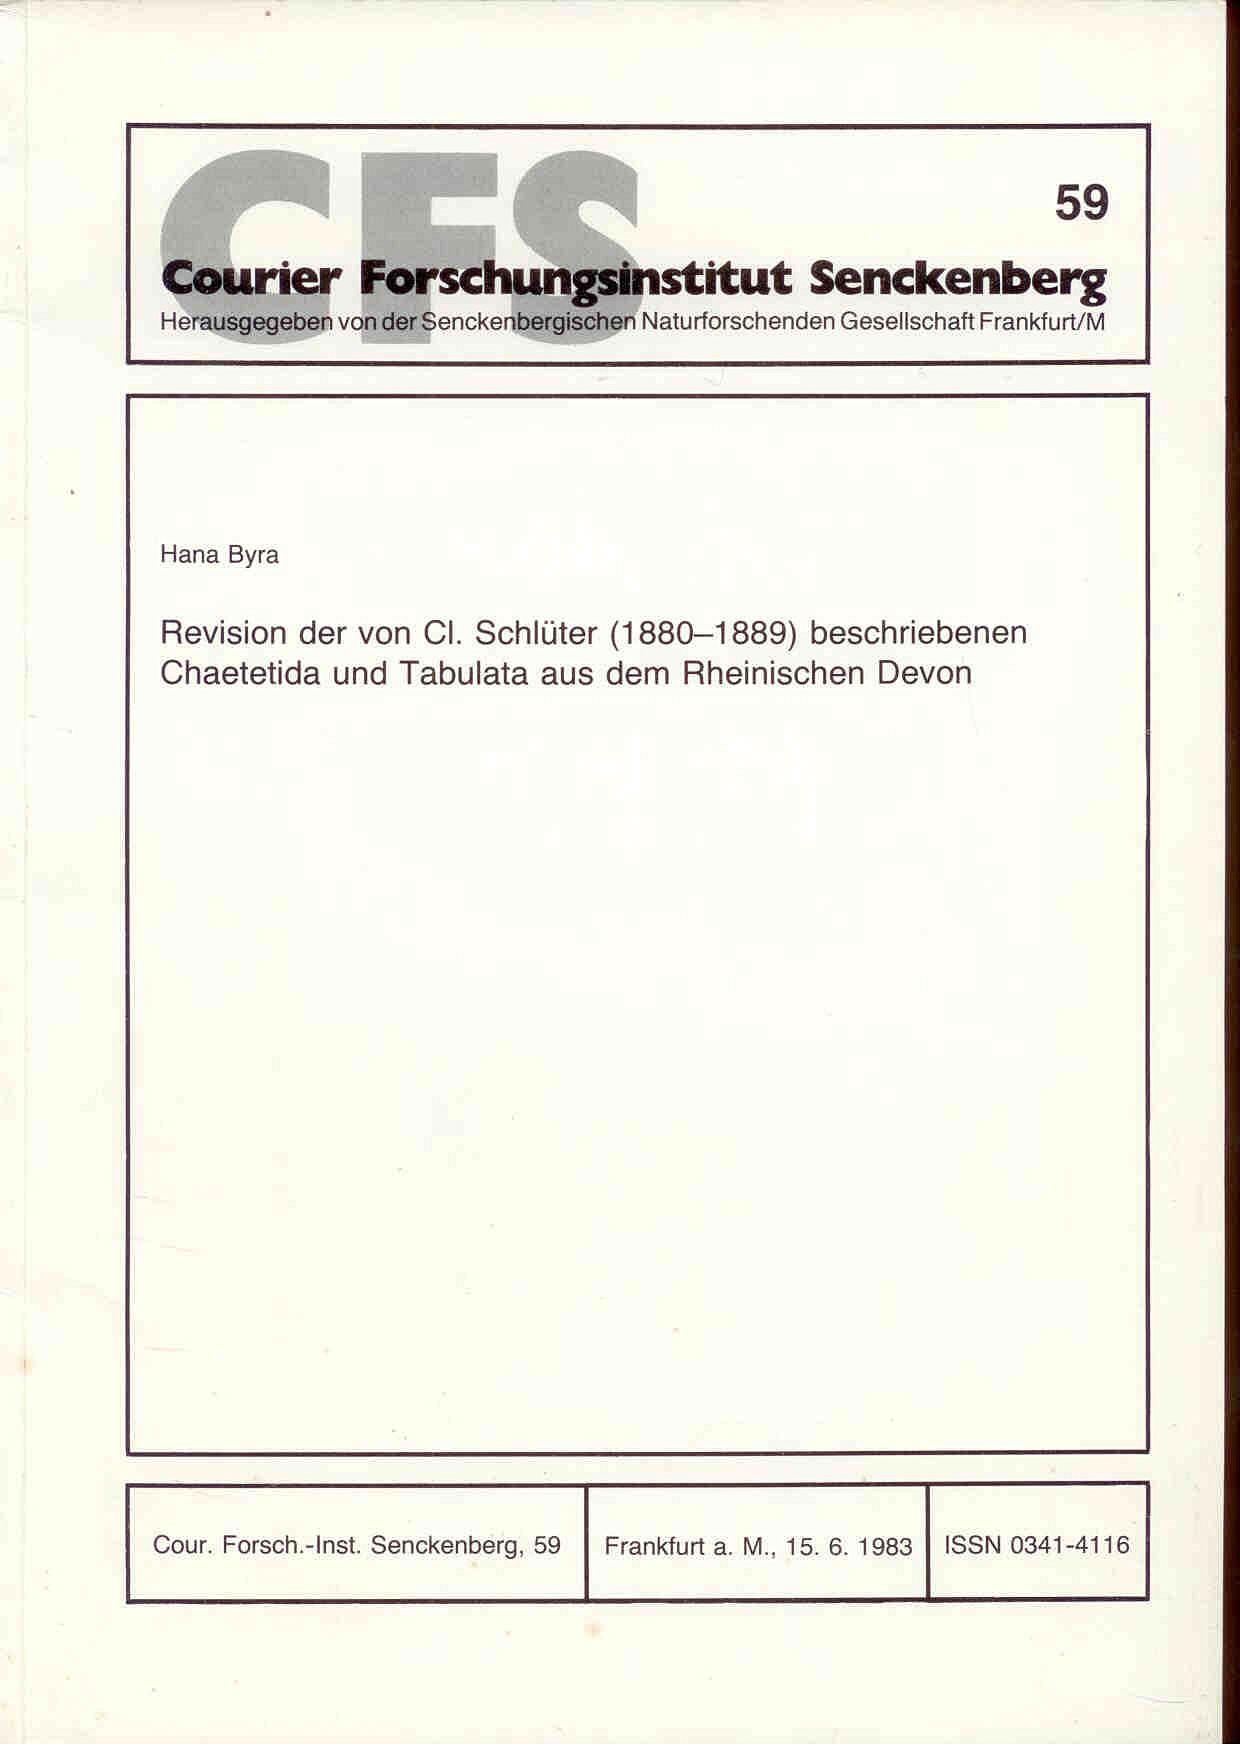 Byra, H.: Revision der von Cl. Schlüter (1880-1889) beschriebenen Chaetitidae und Tabulata aus dem Rheinischen Devon.